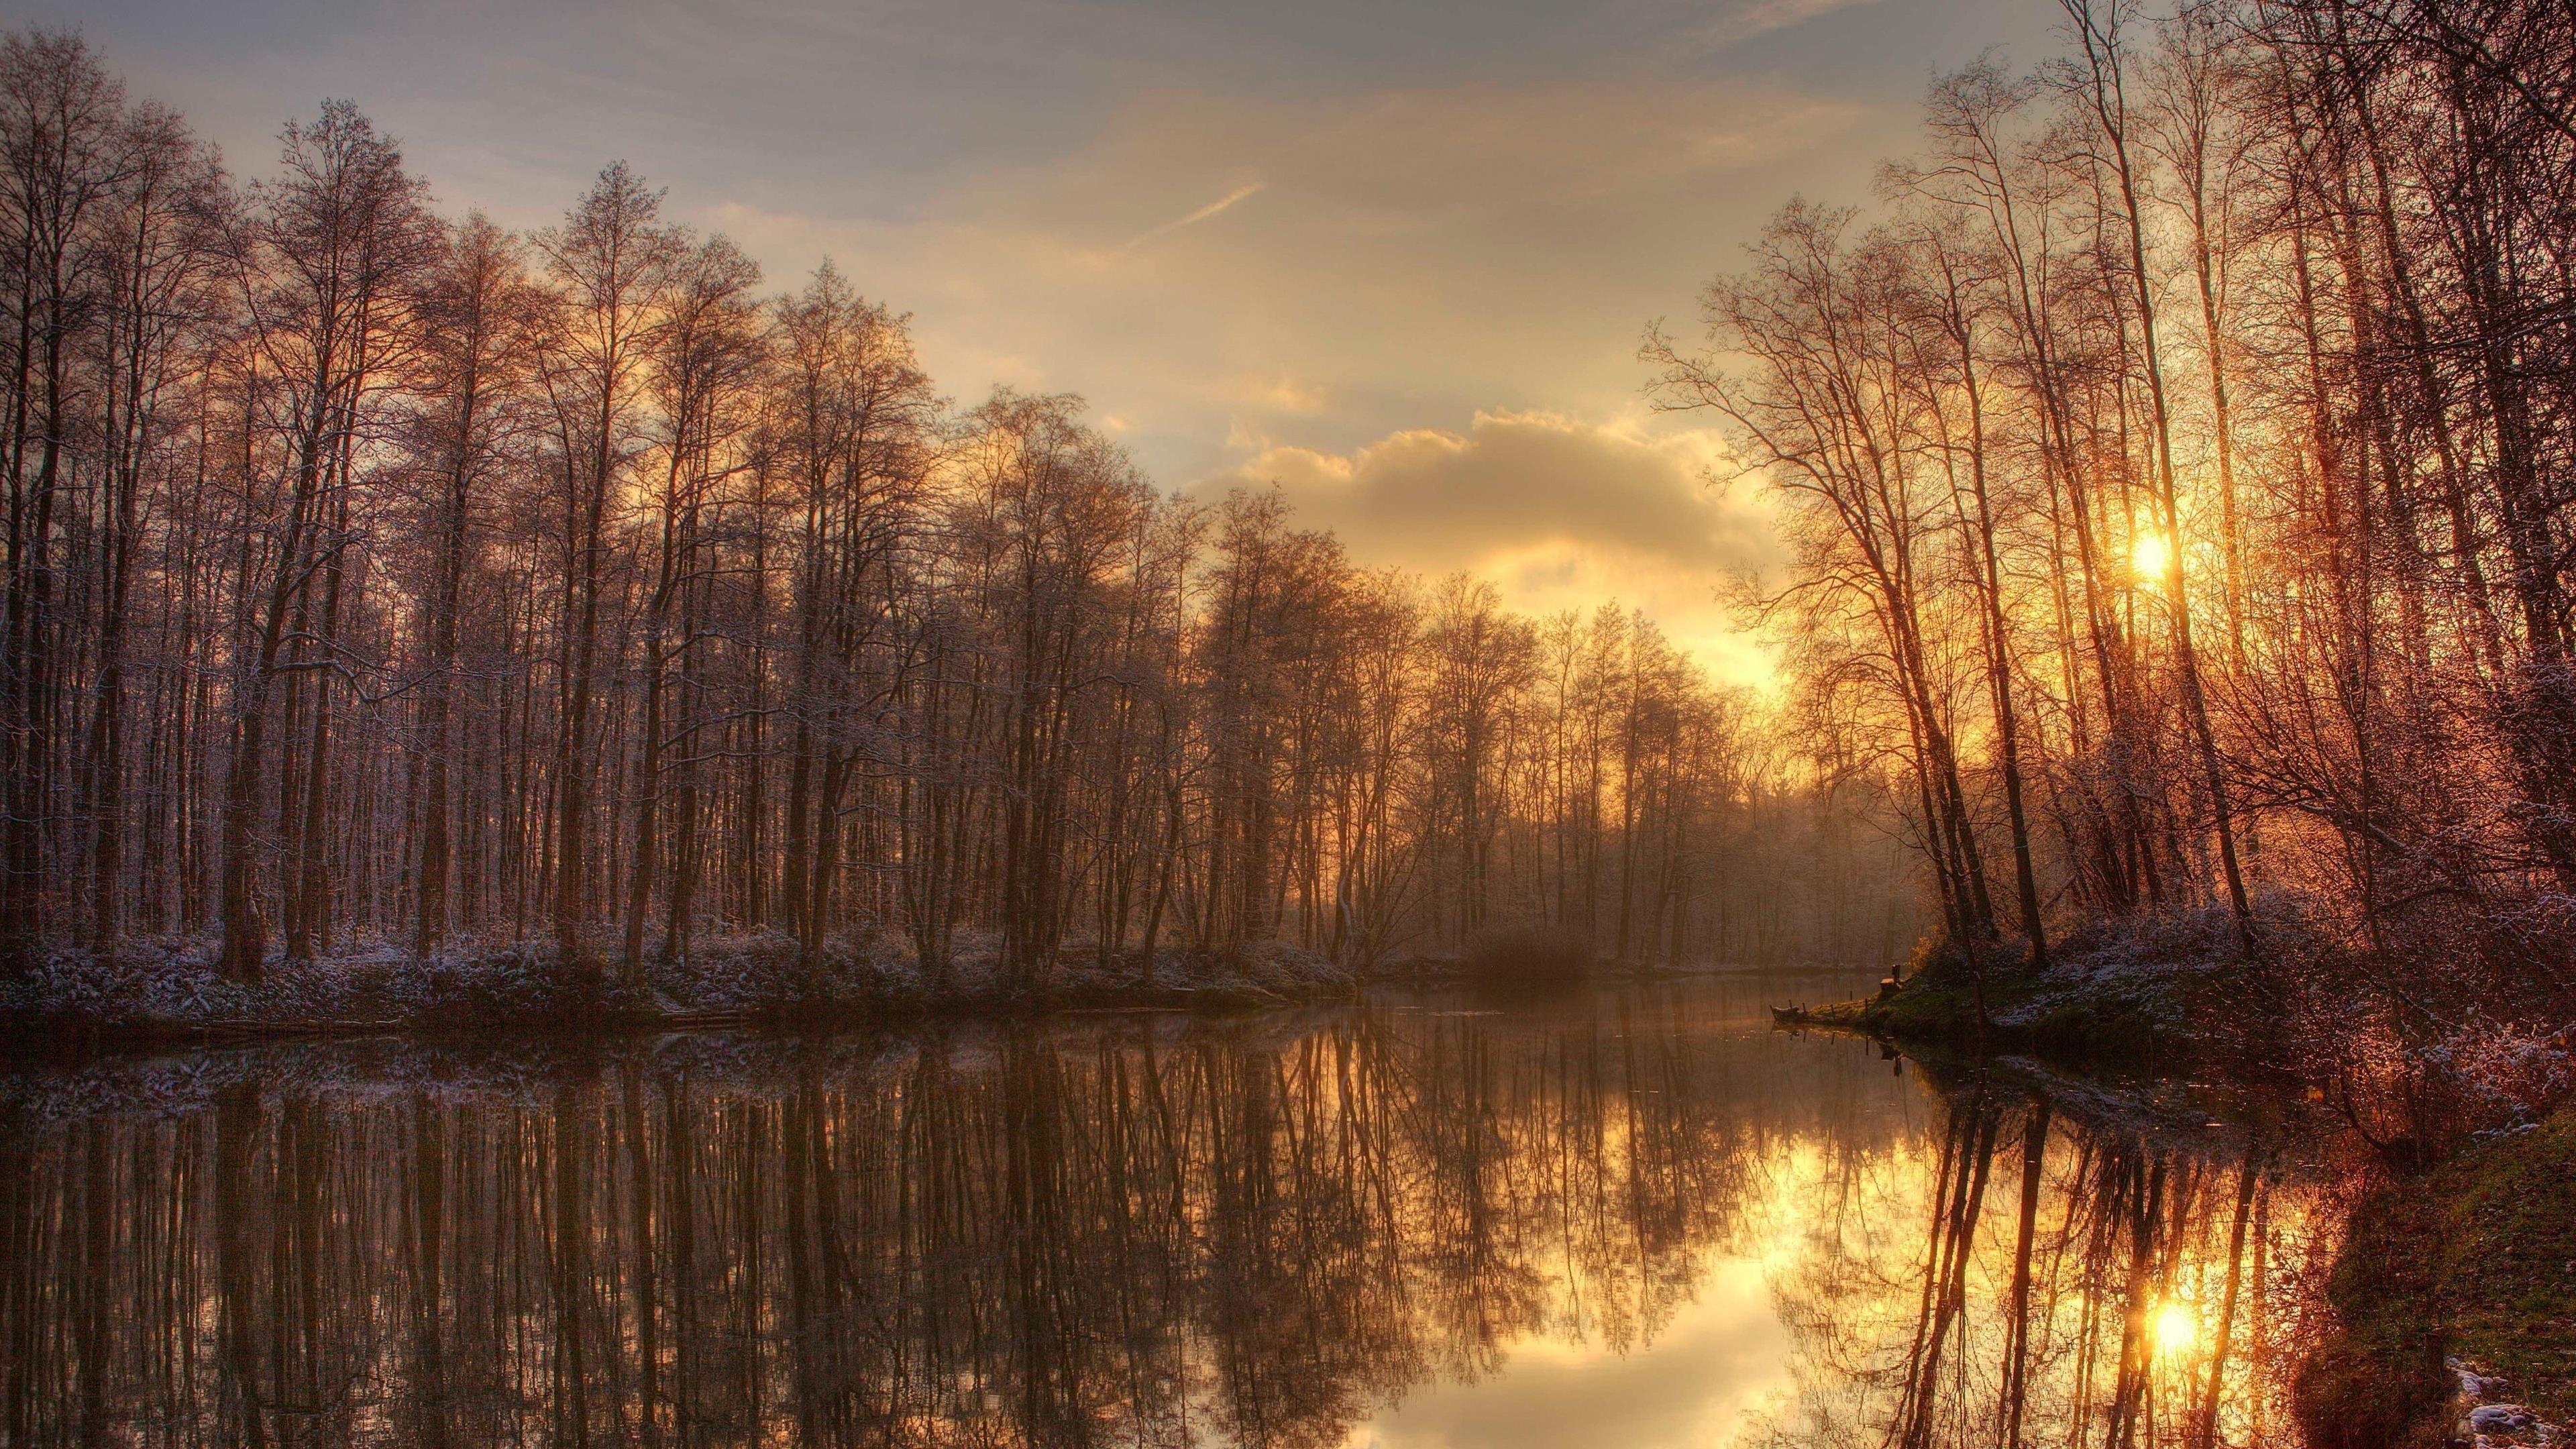 Солнечный свет, проходящий через сухие деревья напротив озера во время заката природа обои скачать